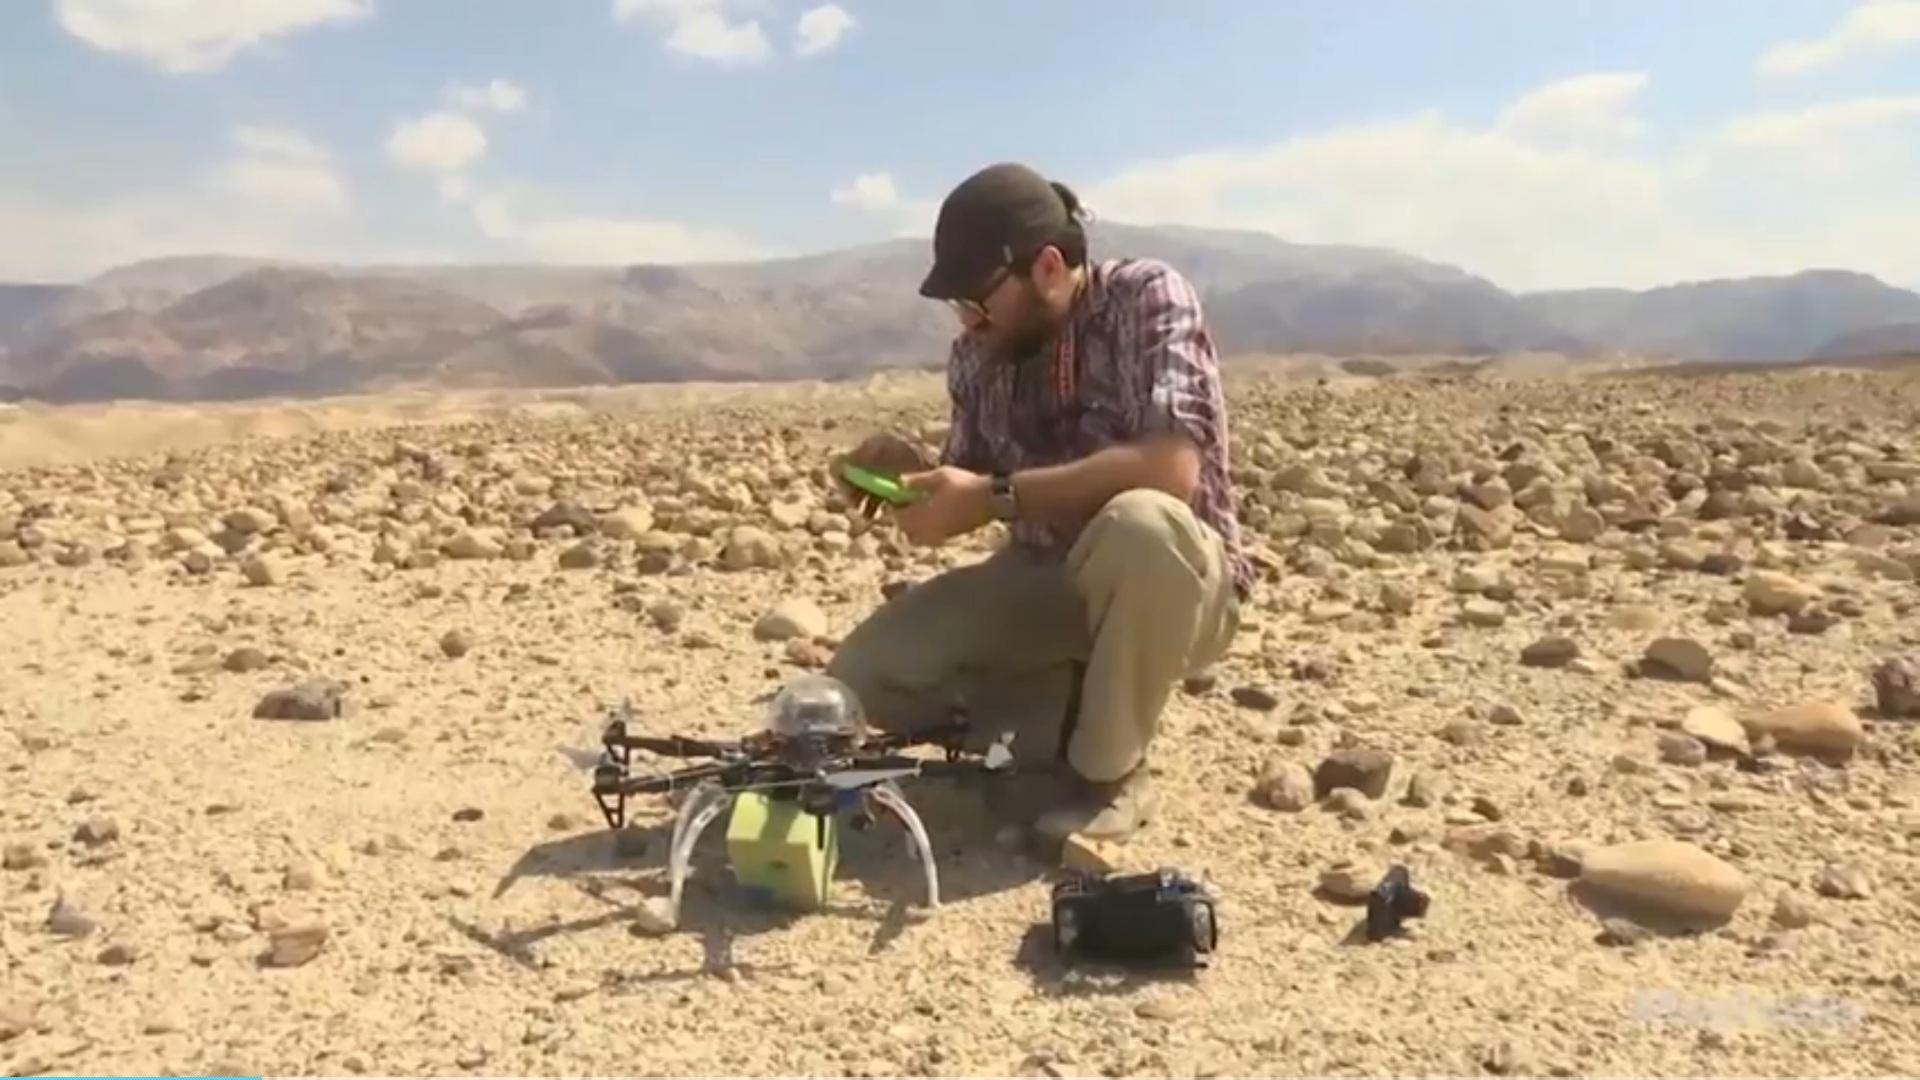 ürdün'de arkeolojik alan dronelarla korunuyor